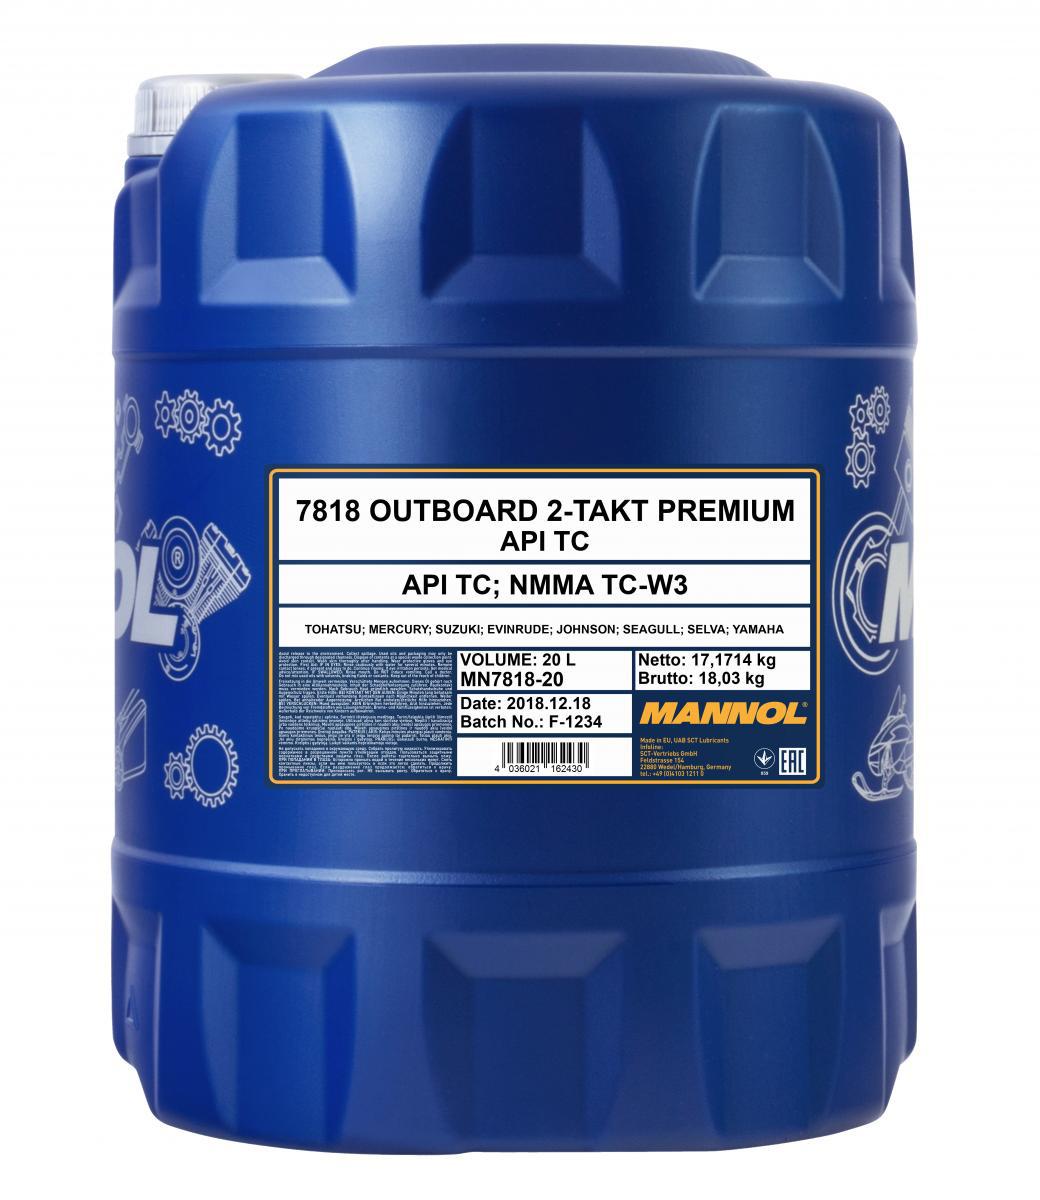 Outboard 2-Takt Premium